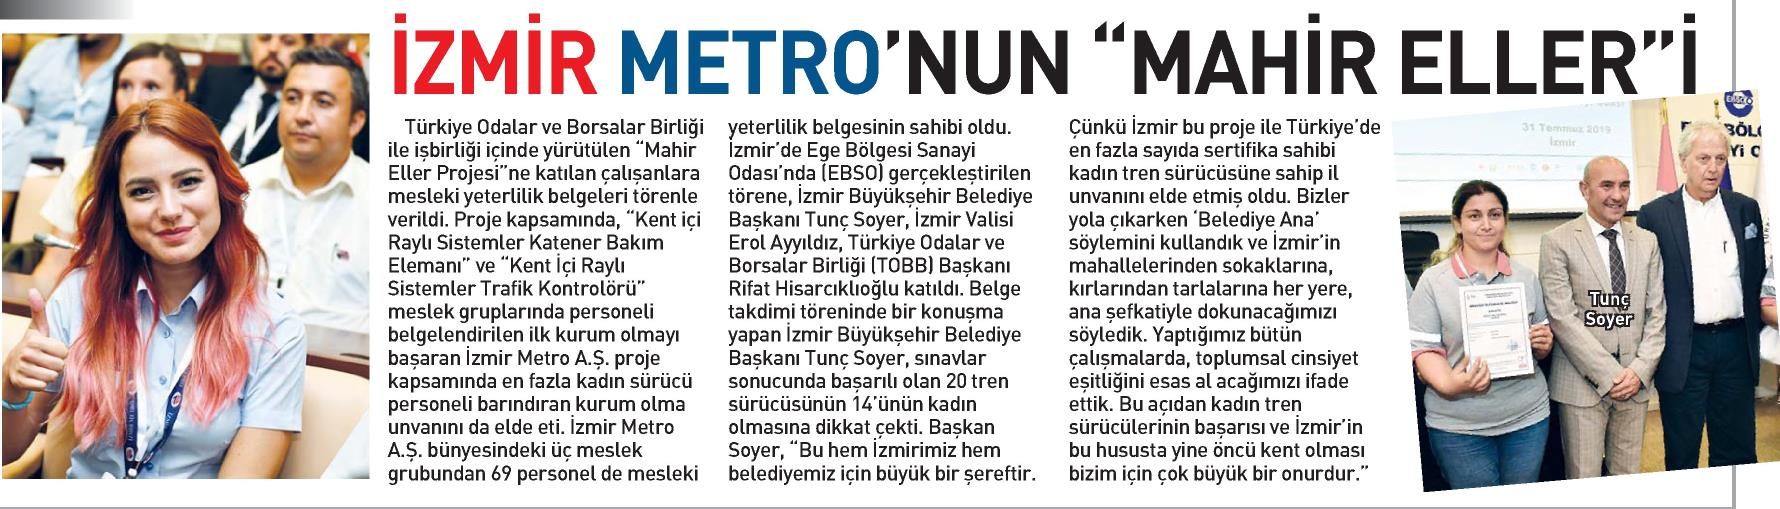 İzmir Metro